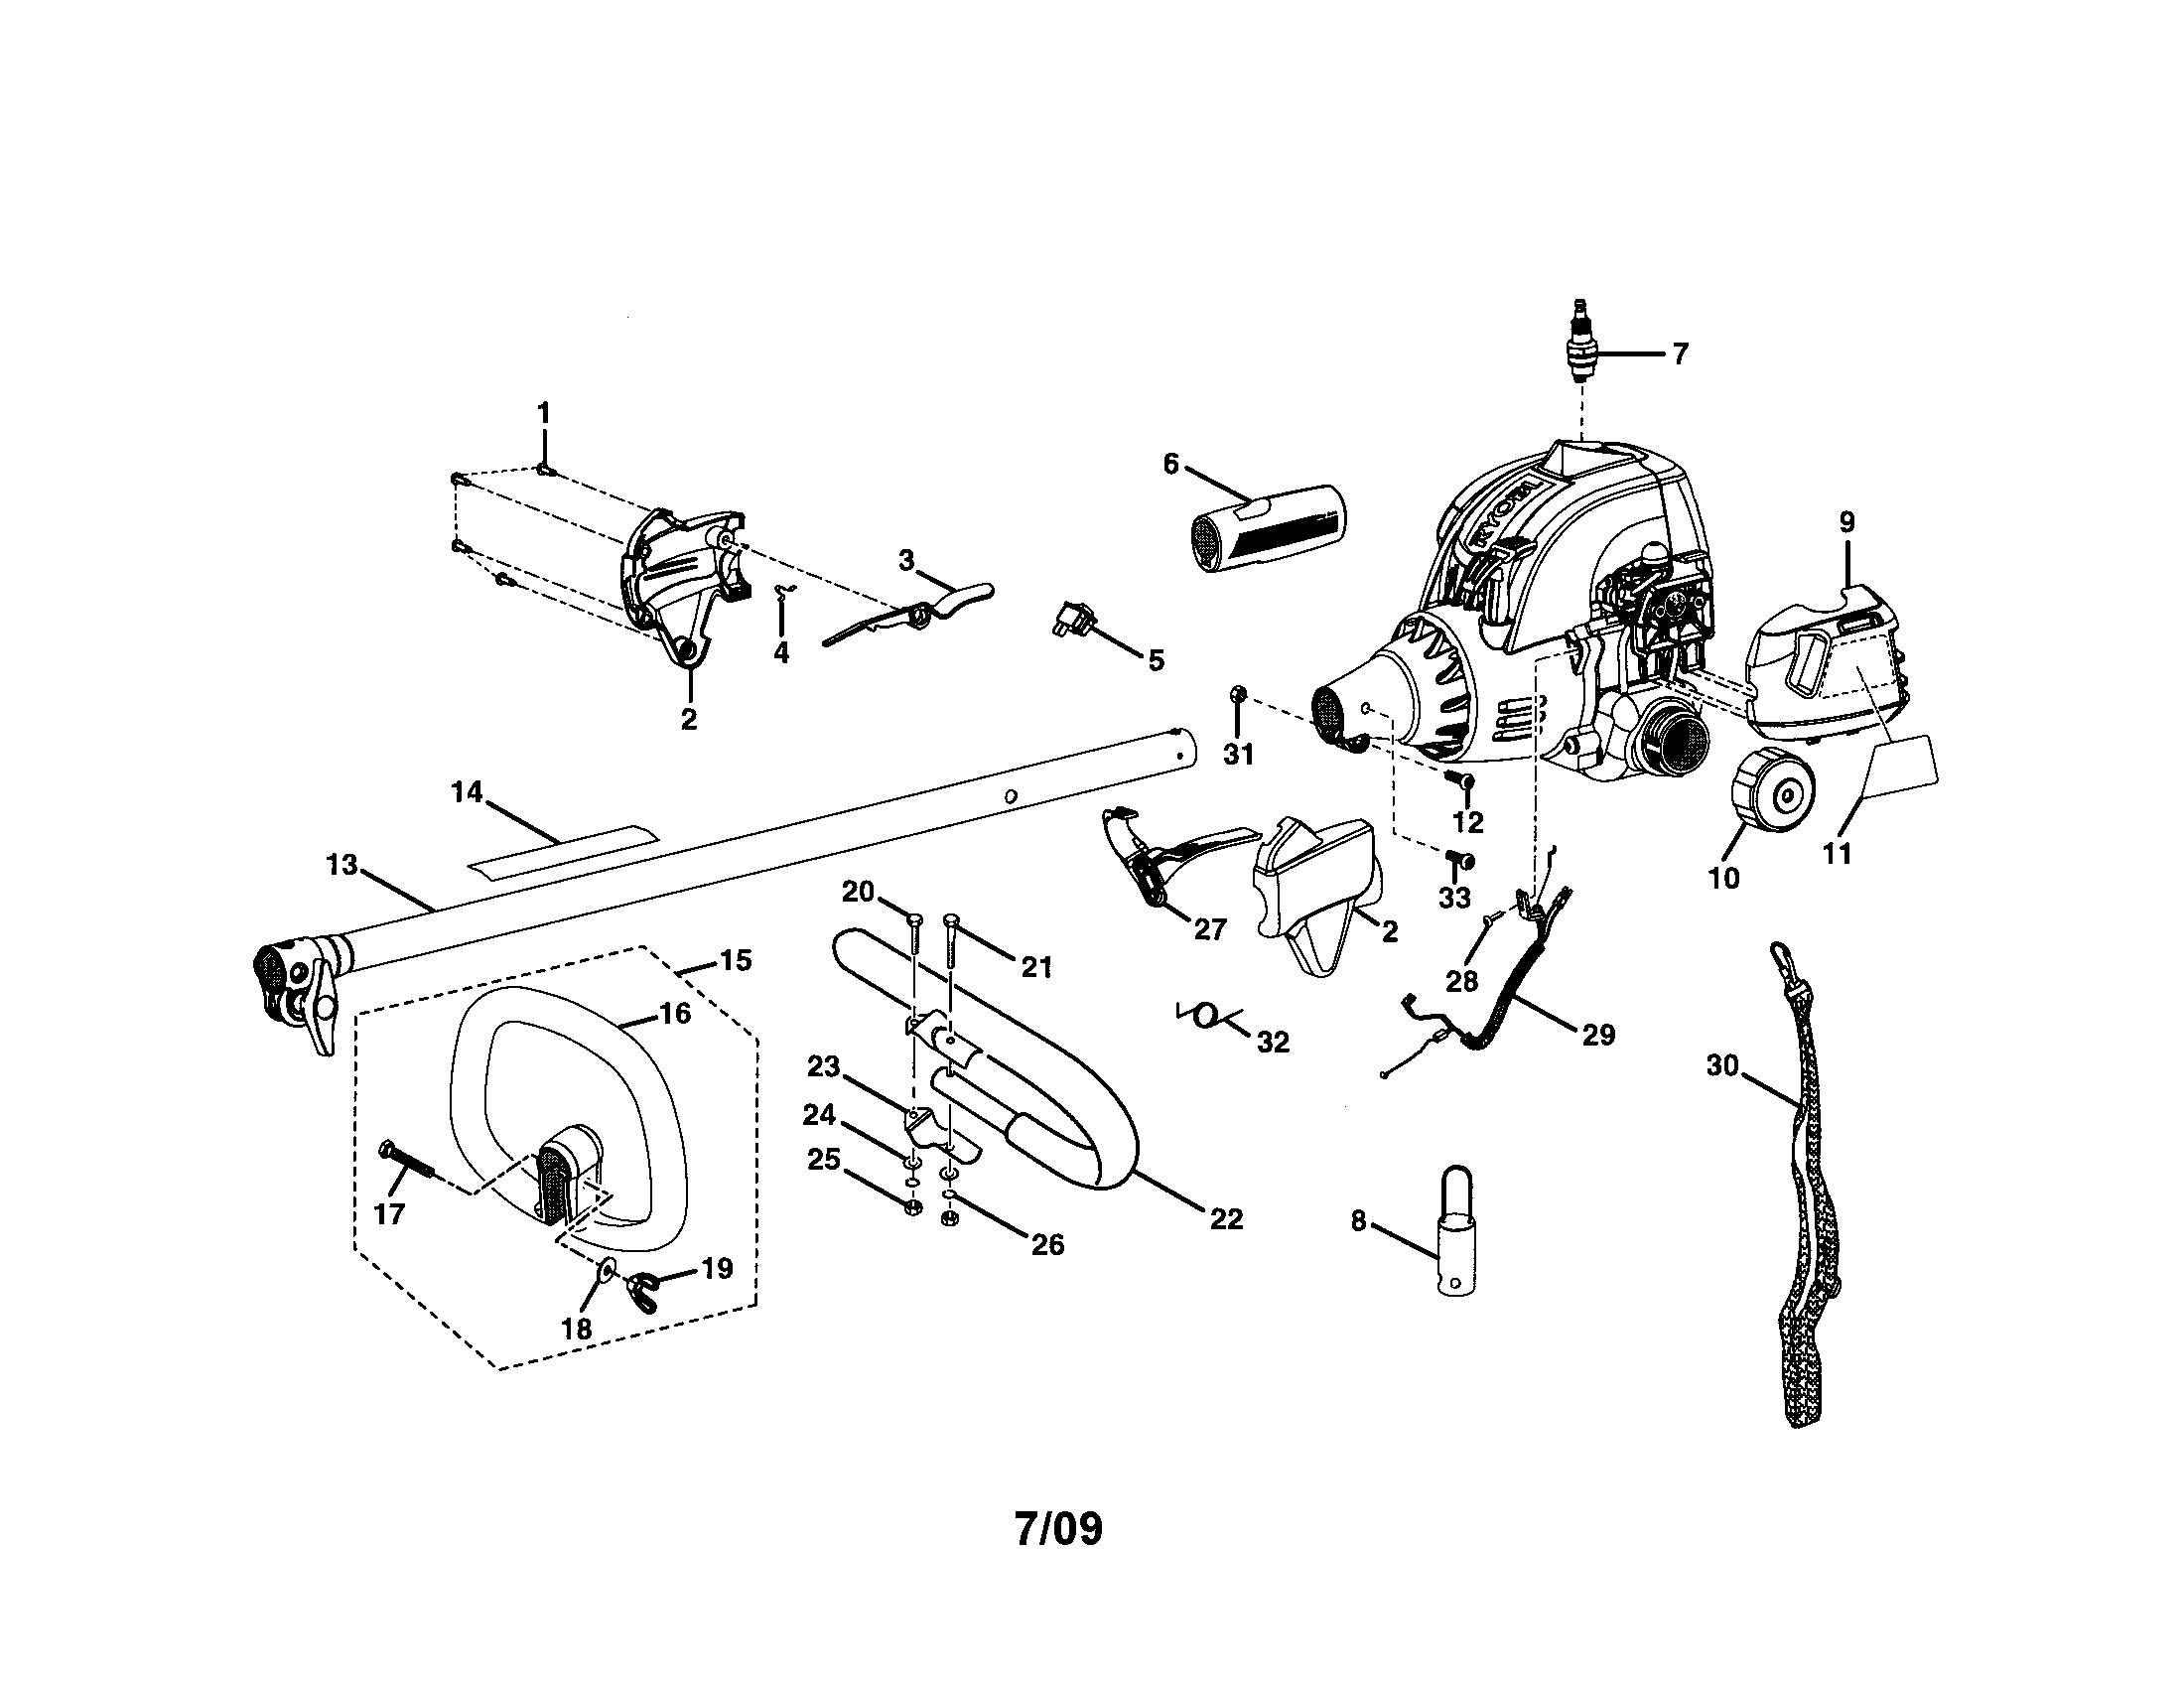 31 Ryobi Carburetor Parts Diagram - Free Wiring Diagram SourceFree Wiring Diagram Source